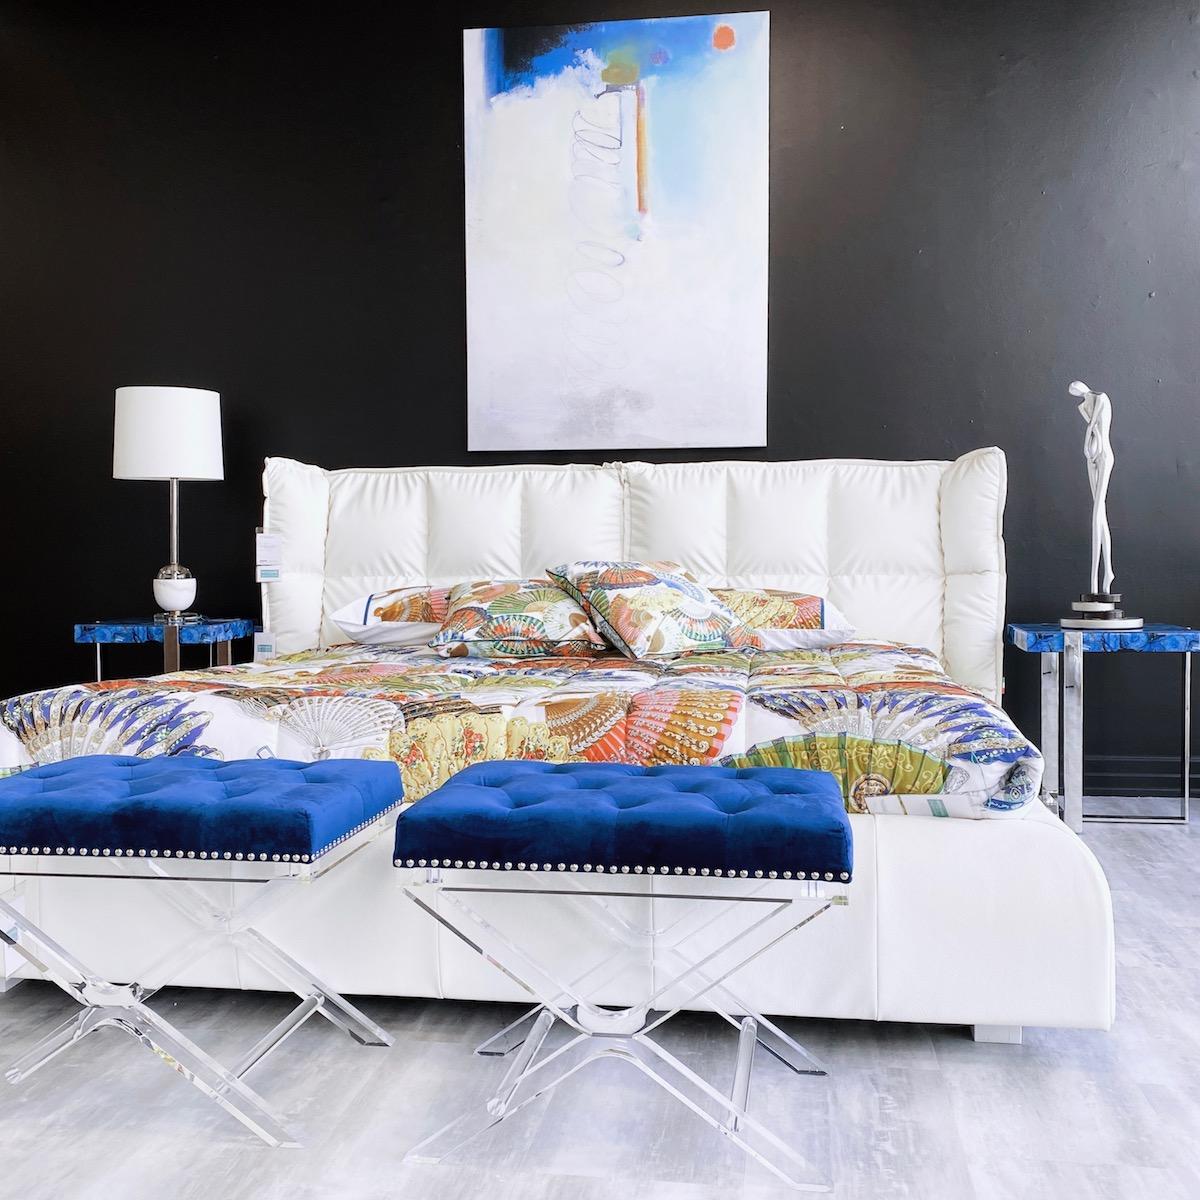 white leather duvet bed frame